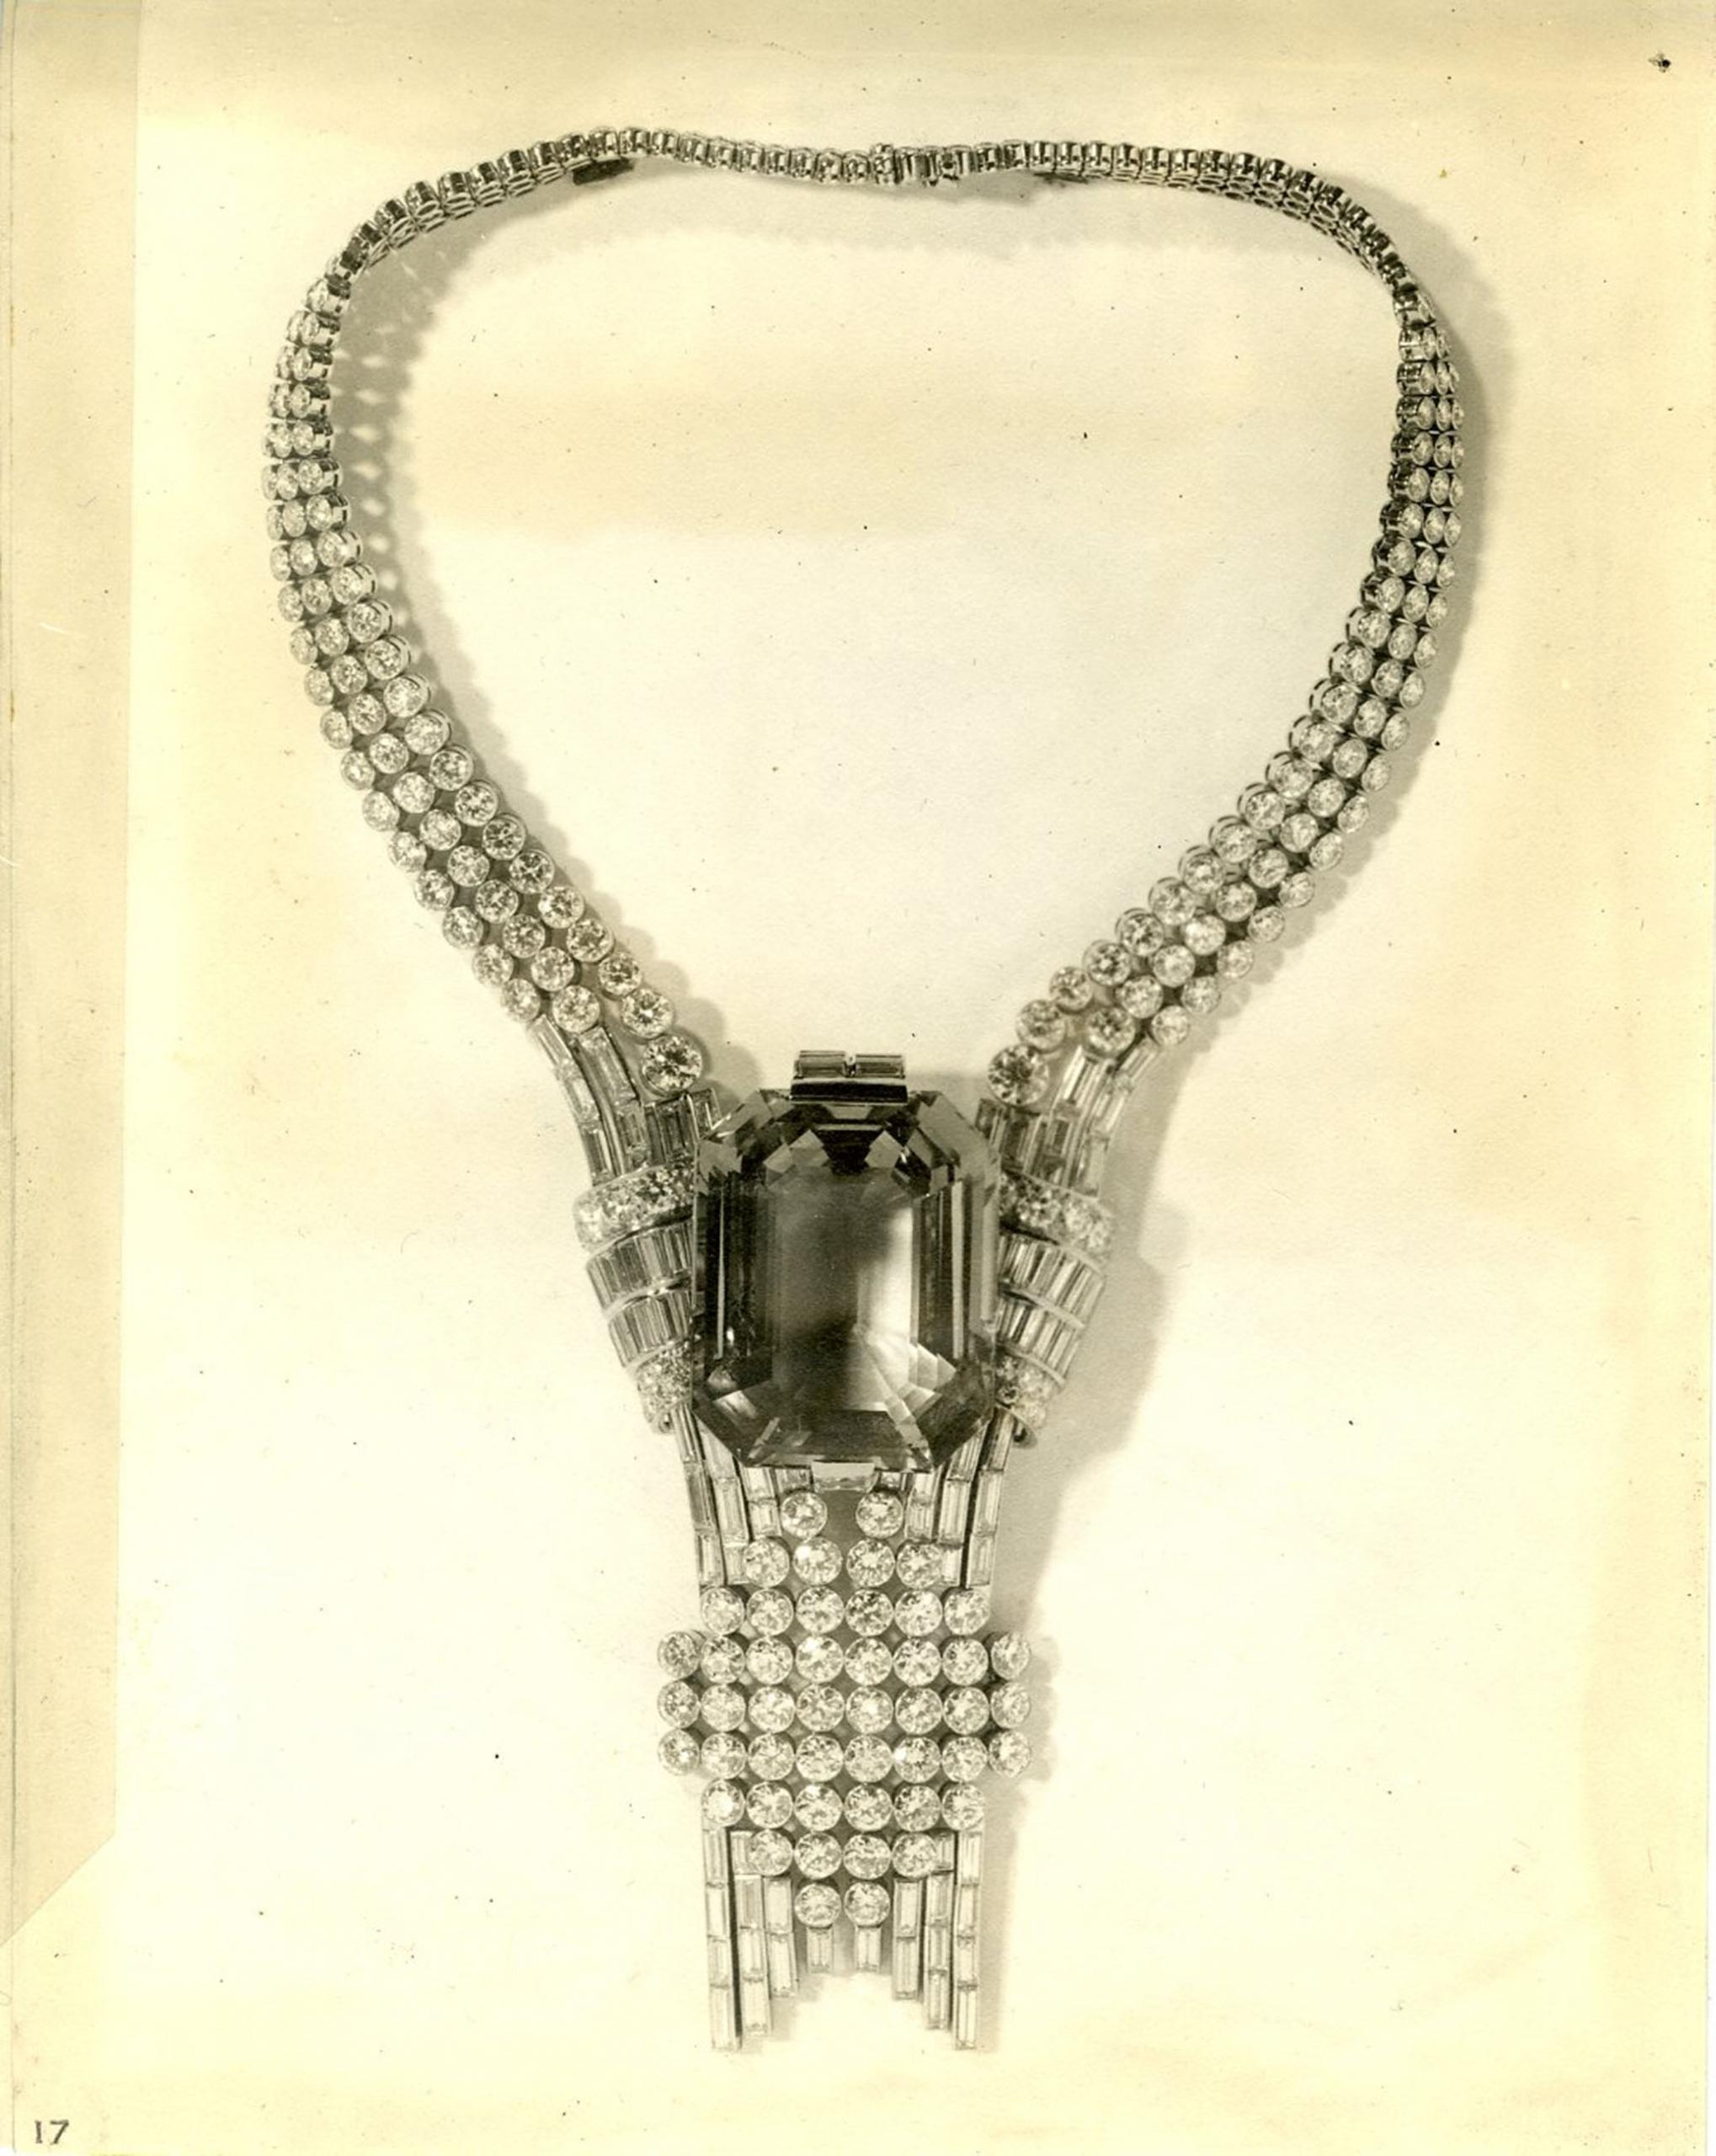 gioielli diamanti costosi collana tiffany